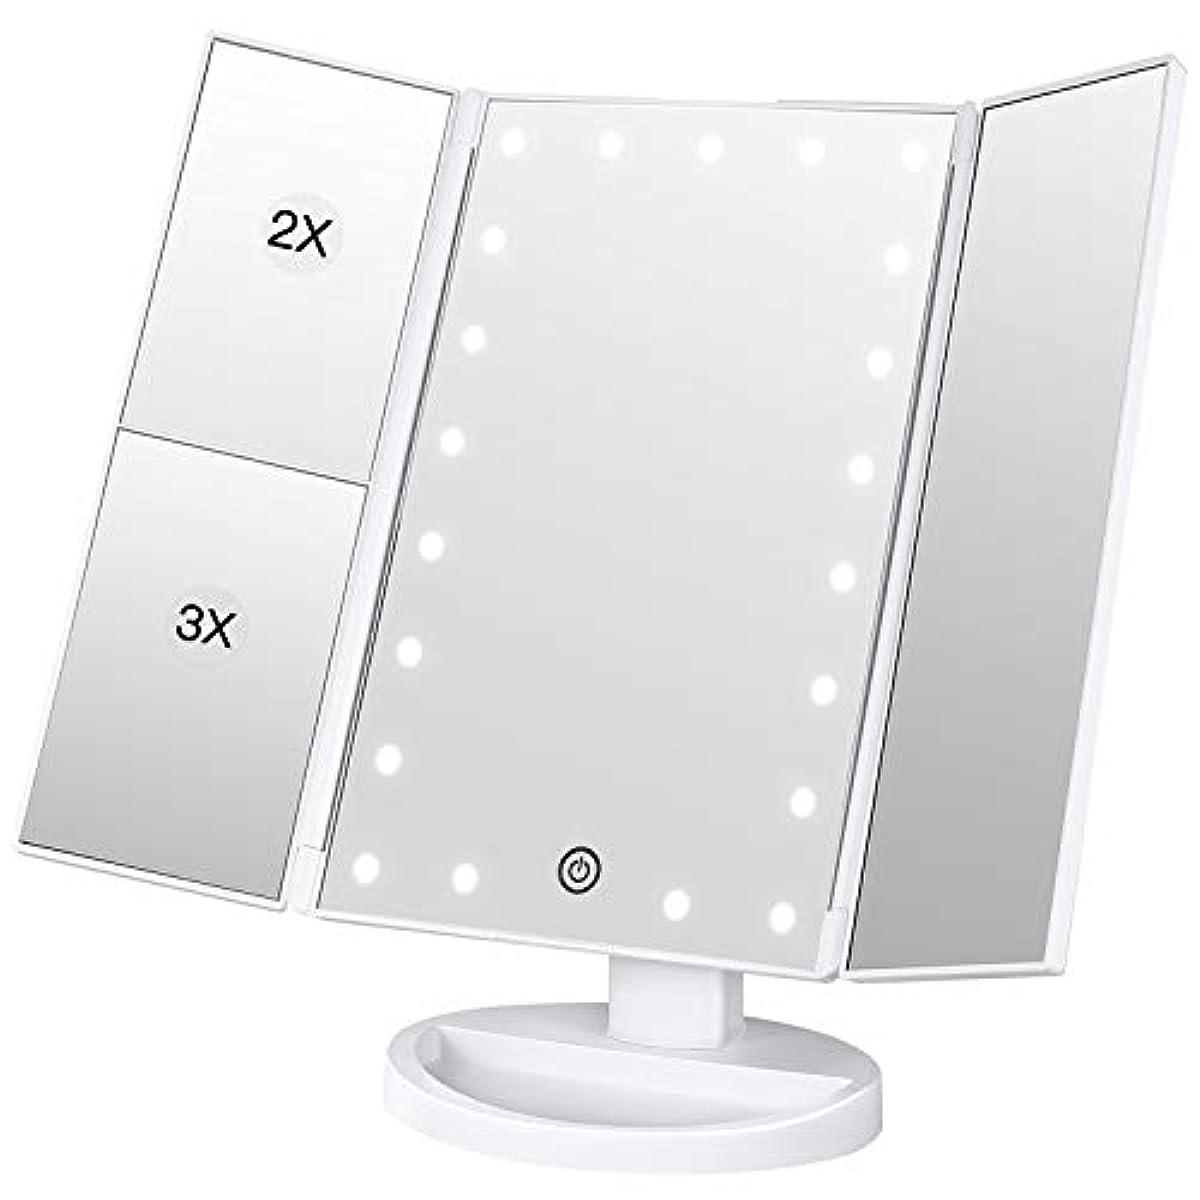 地域不調和非公式BESTOPE 化粧鏡 化粧ミラー 鏡 三面鏡 女優ミラー 卓上 led付き 折りたたみ 拡大鏡 2&3倍 明るさ調節可能 180°回転 電池&USB 2WAY給電